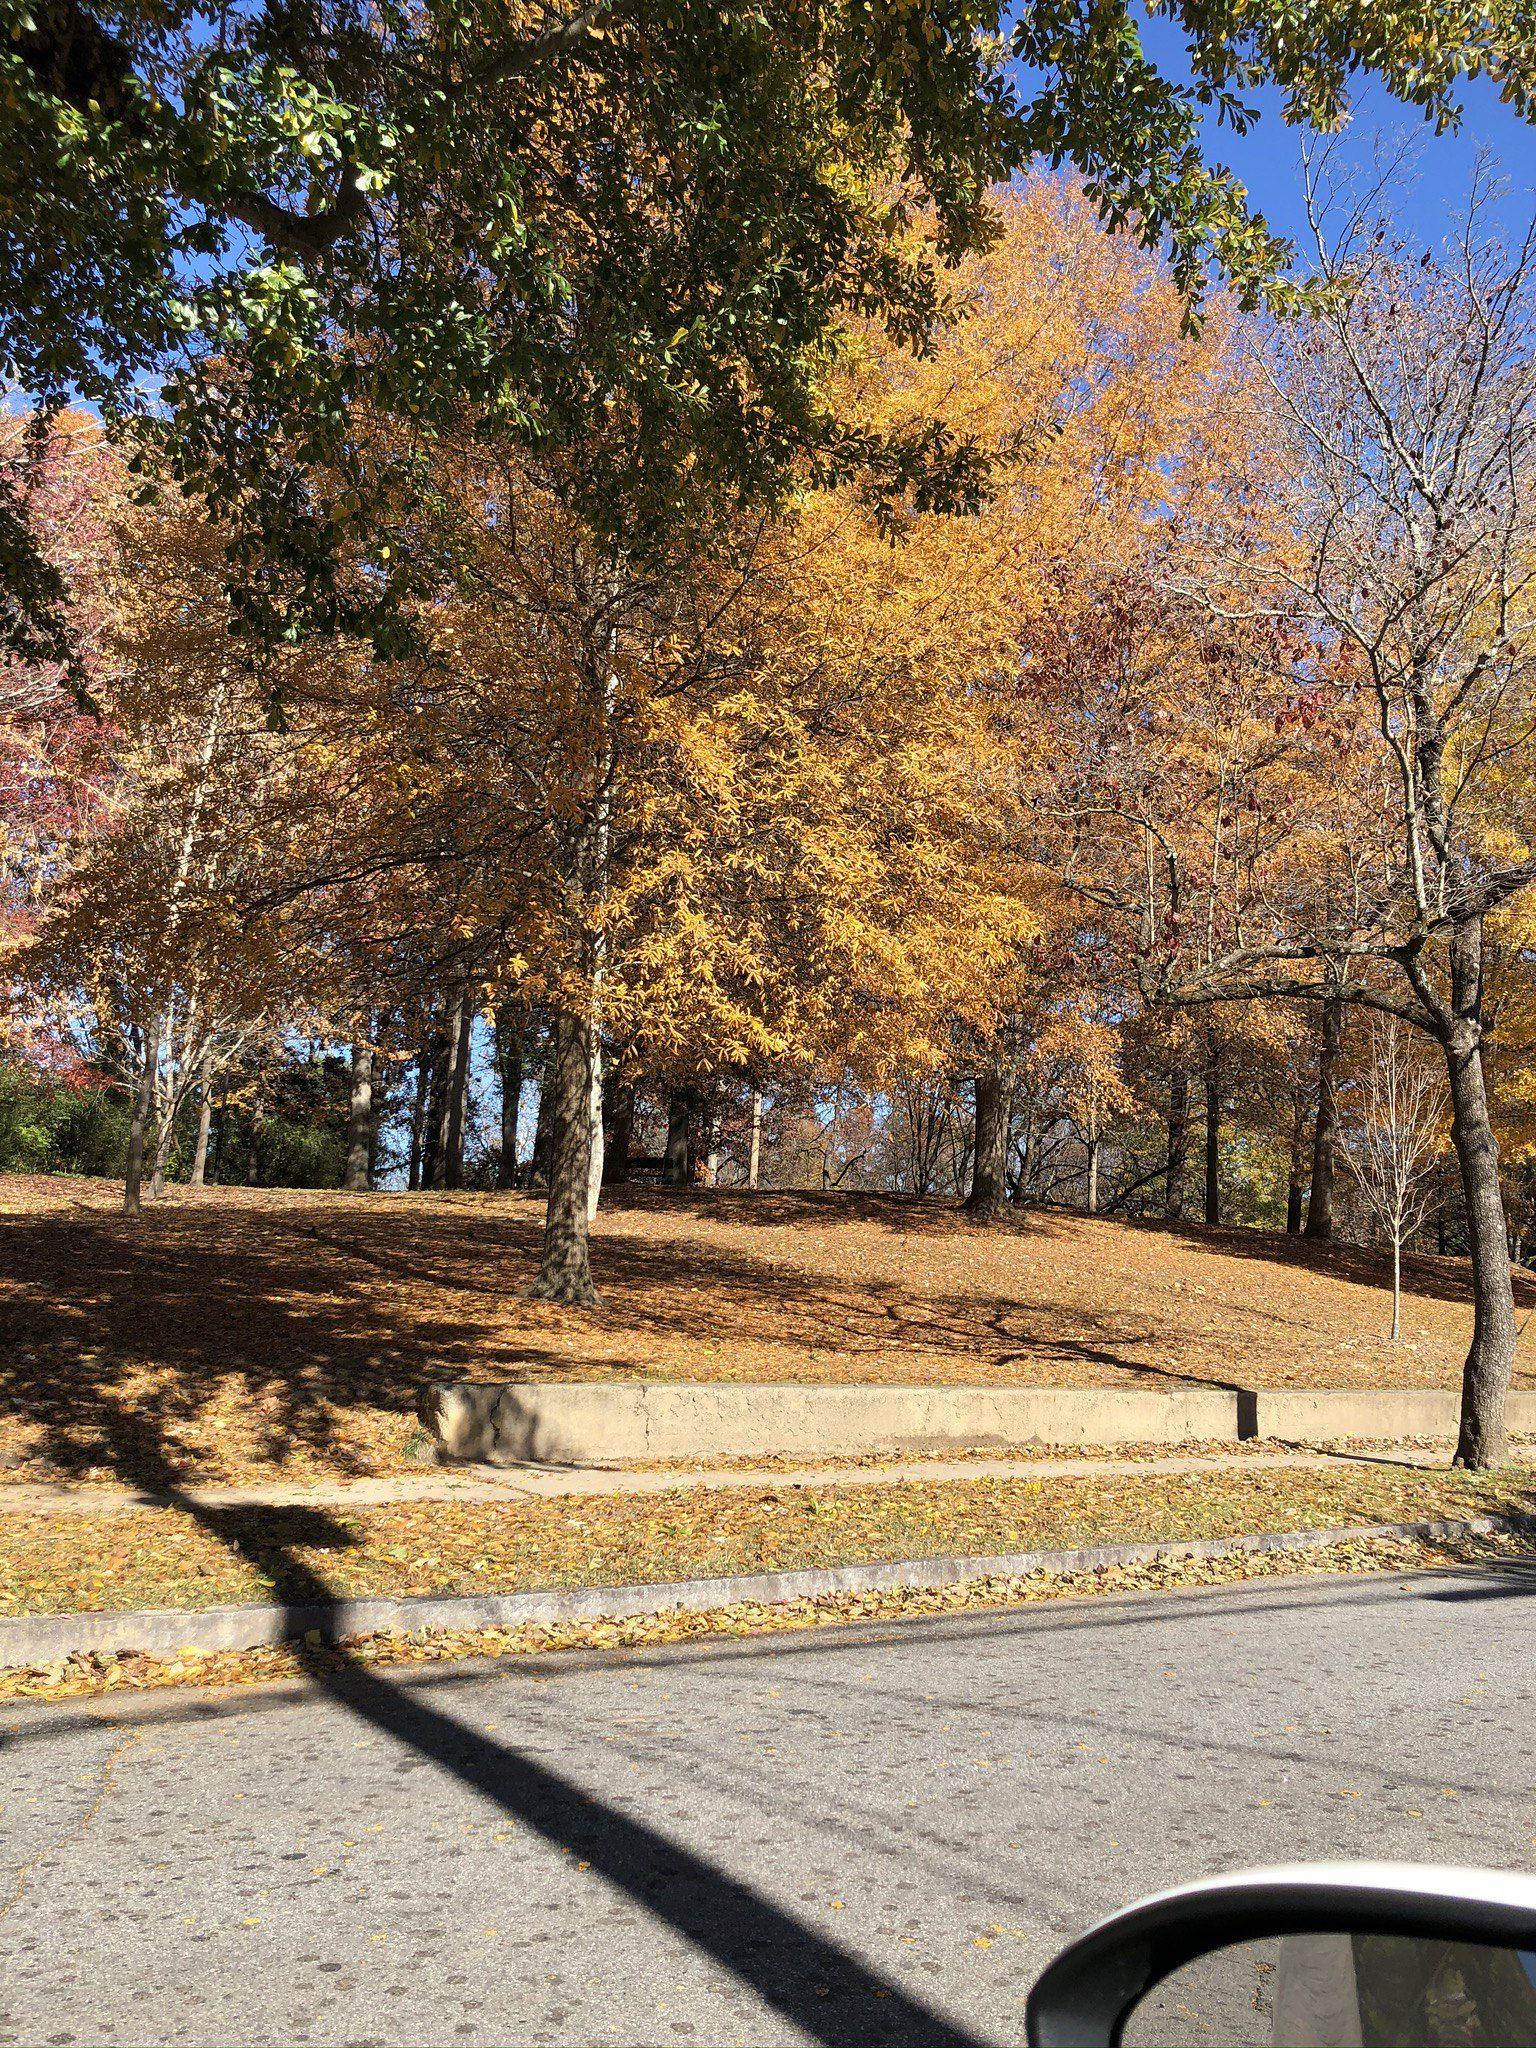 Sydney Marcus public park in Atlanta, N.W. near EMORY